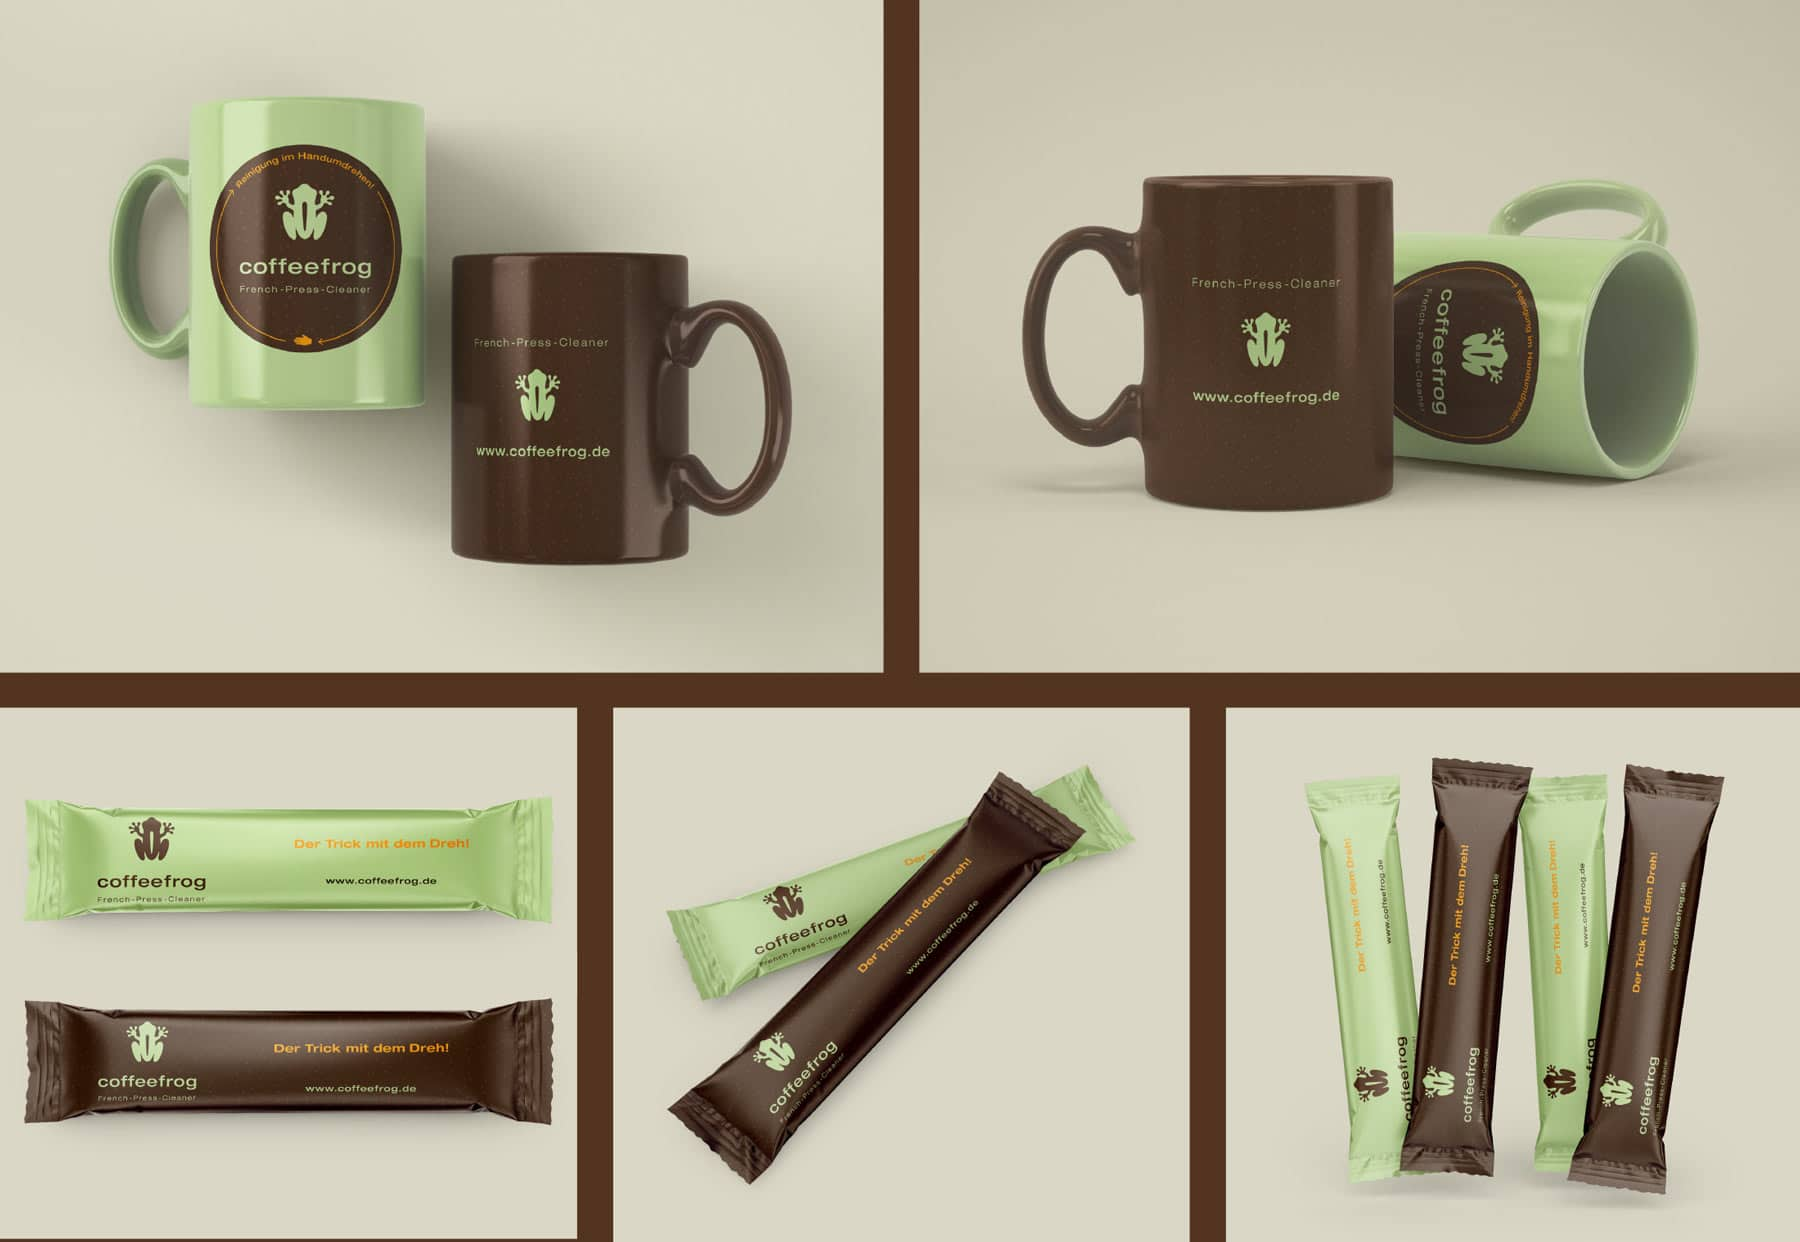 Coffeefrog, Kaffeebecher, Zuckersticks, Collage Werbemittel, Werbung